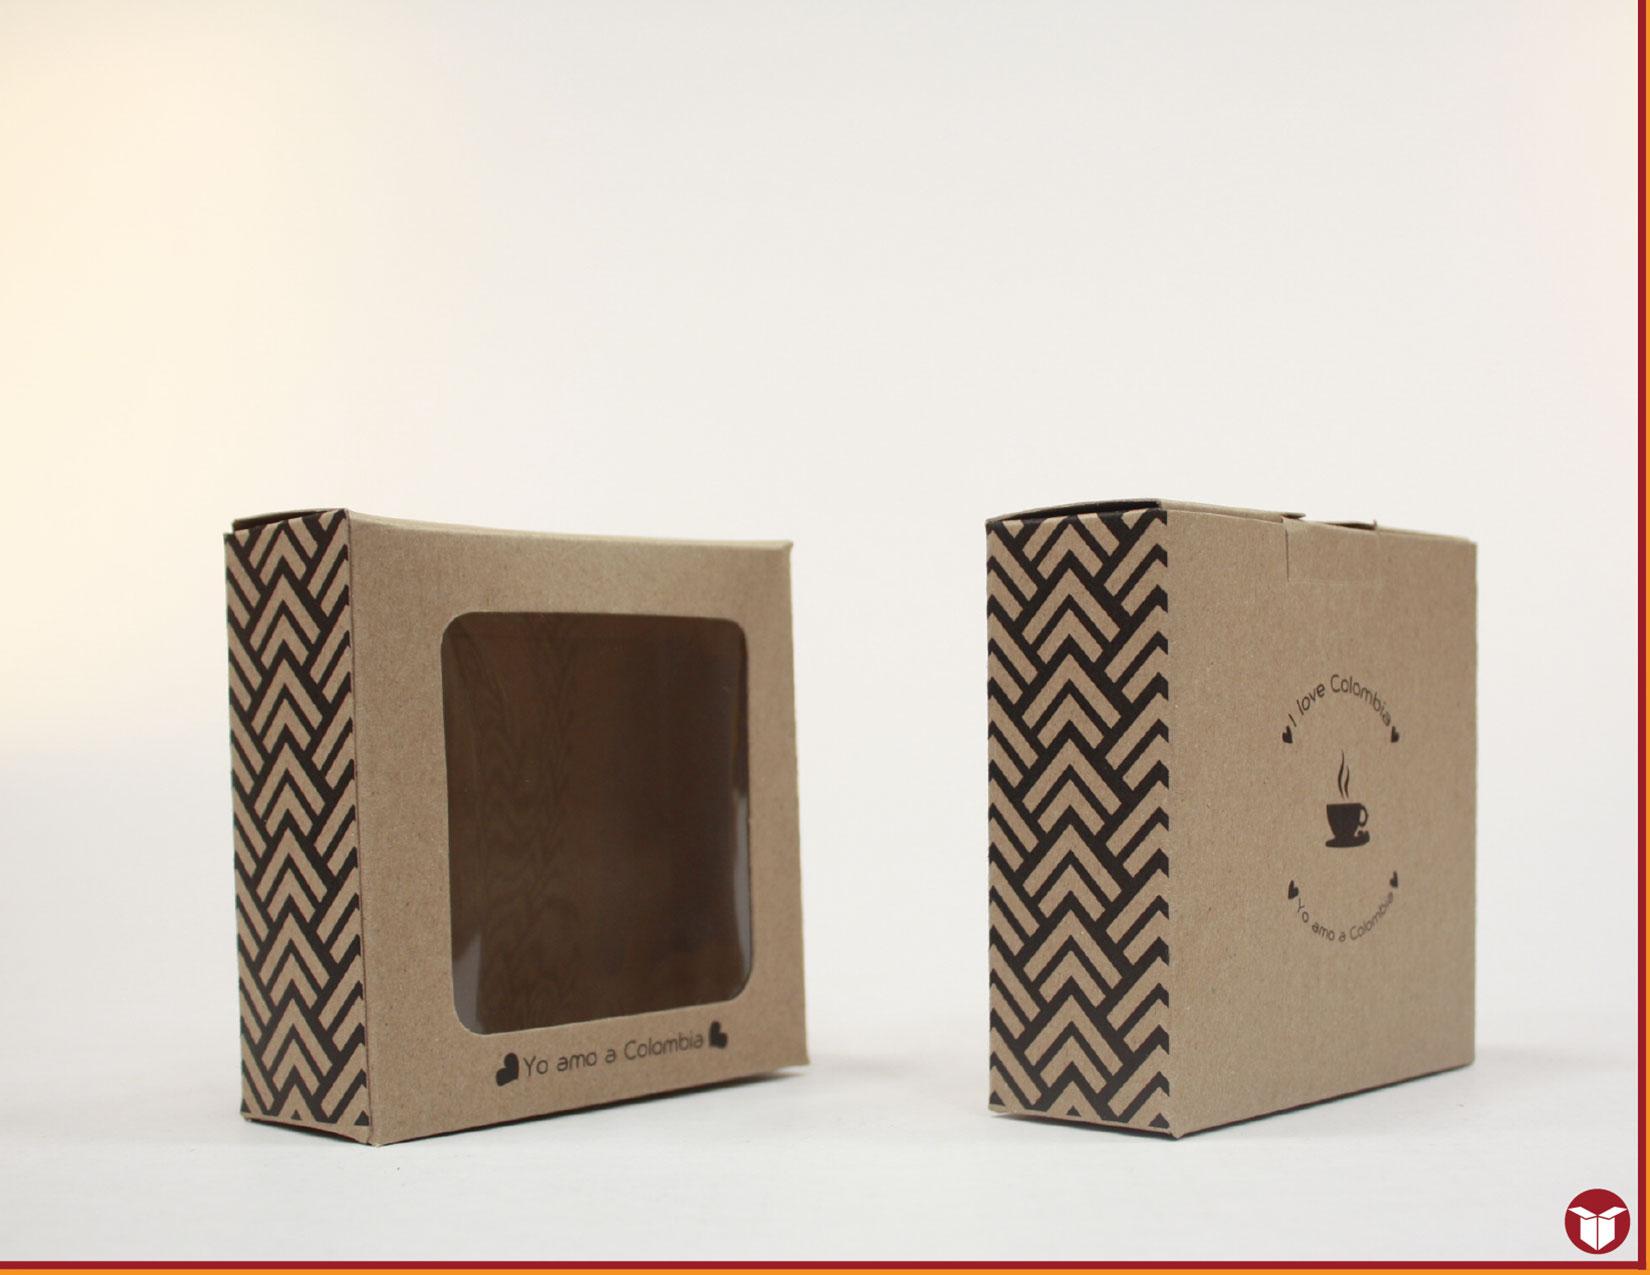 Cartoneria bogota cajas carton bogota for Cajas de carton infantiles